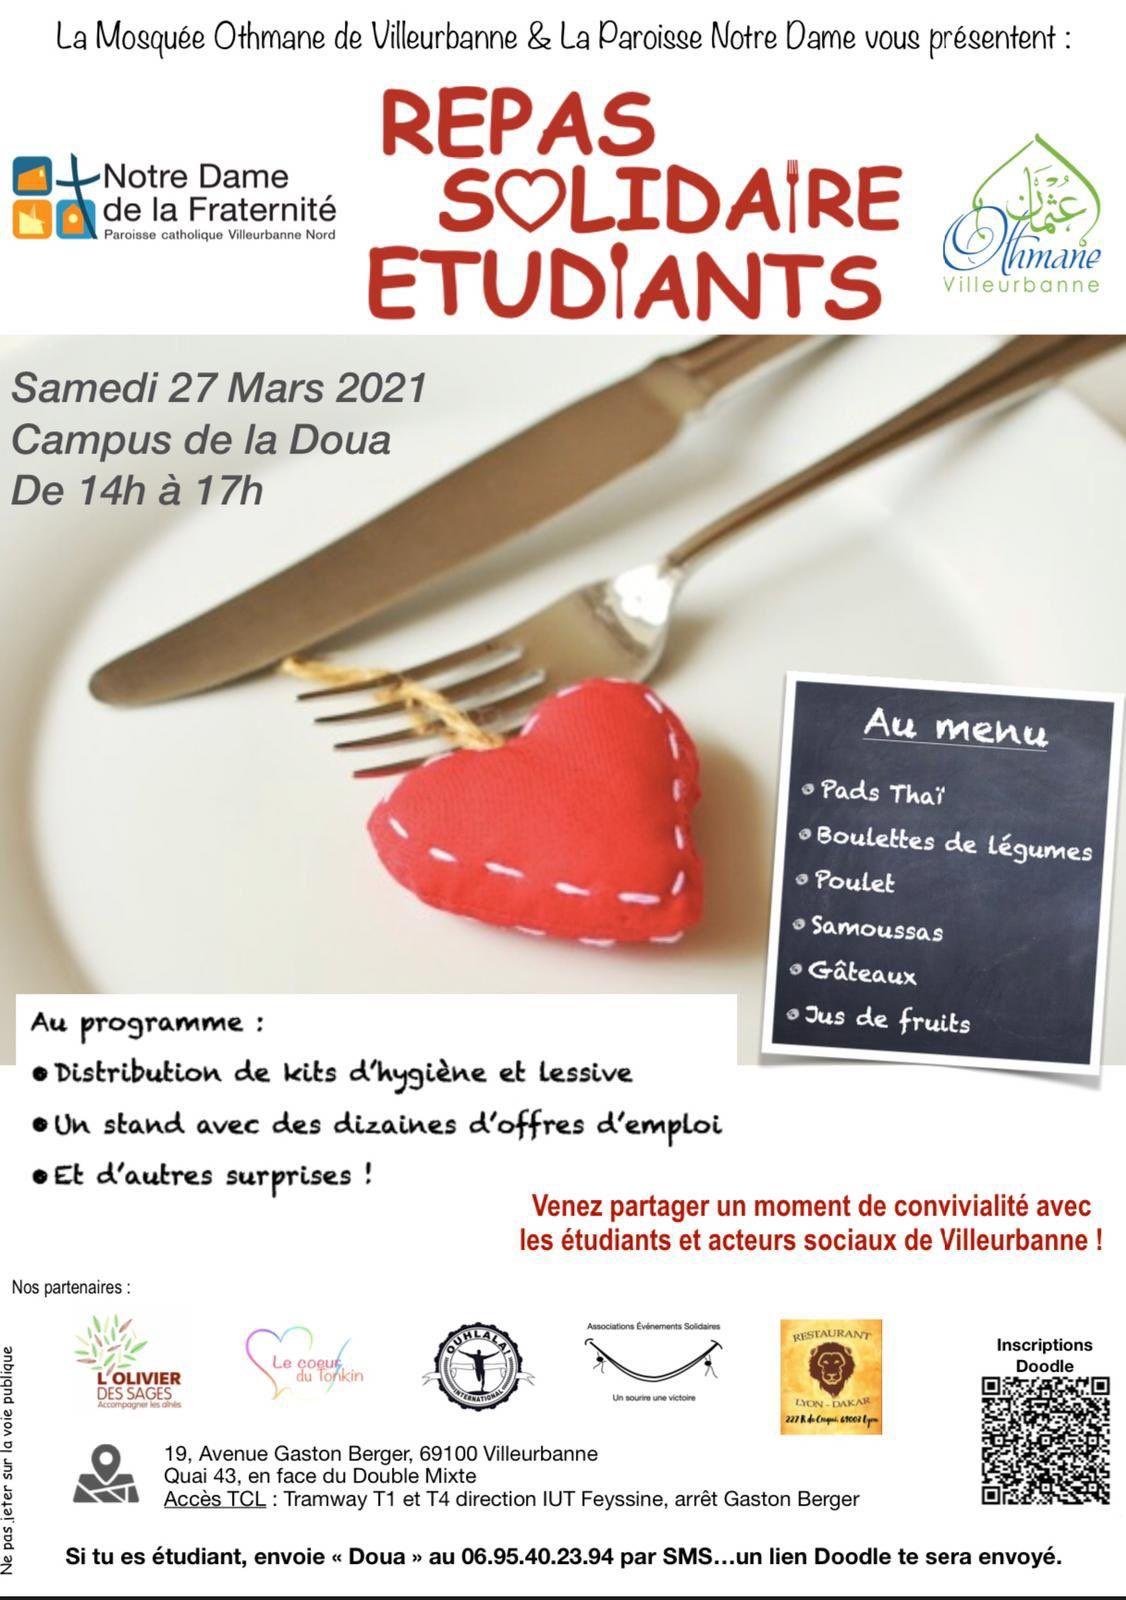 [Etudiants] Distribution de repas et de kit d'hygiène gratuits - Villeurbanne (69)